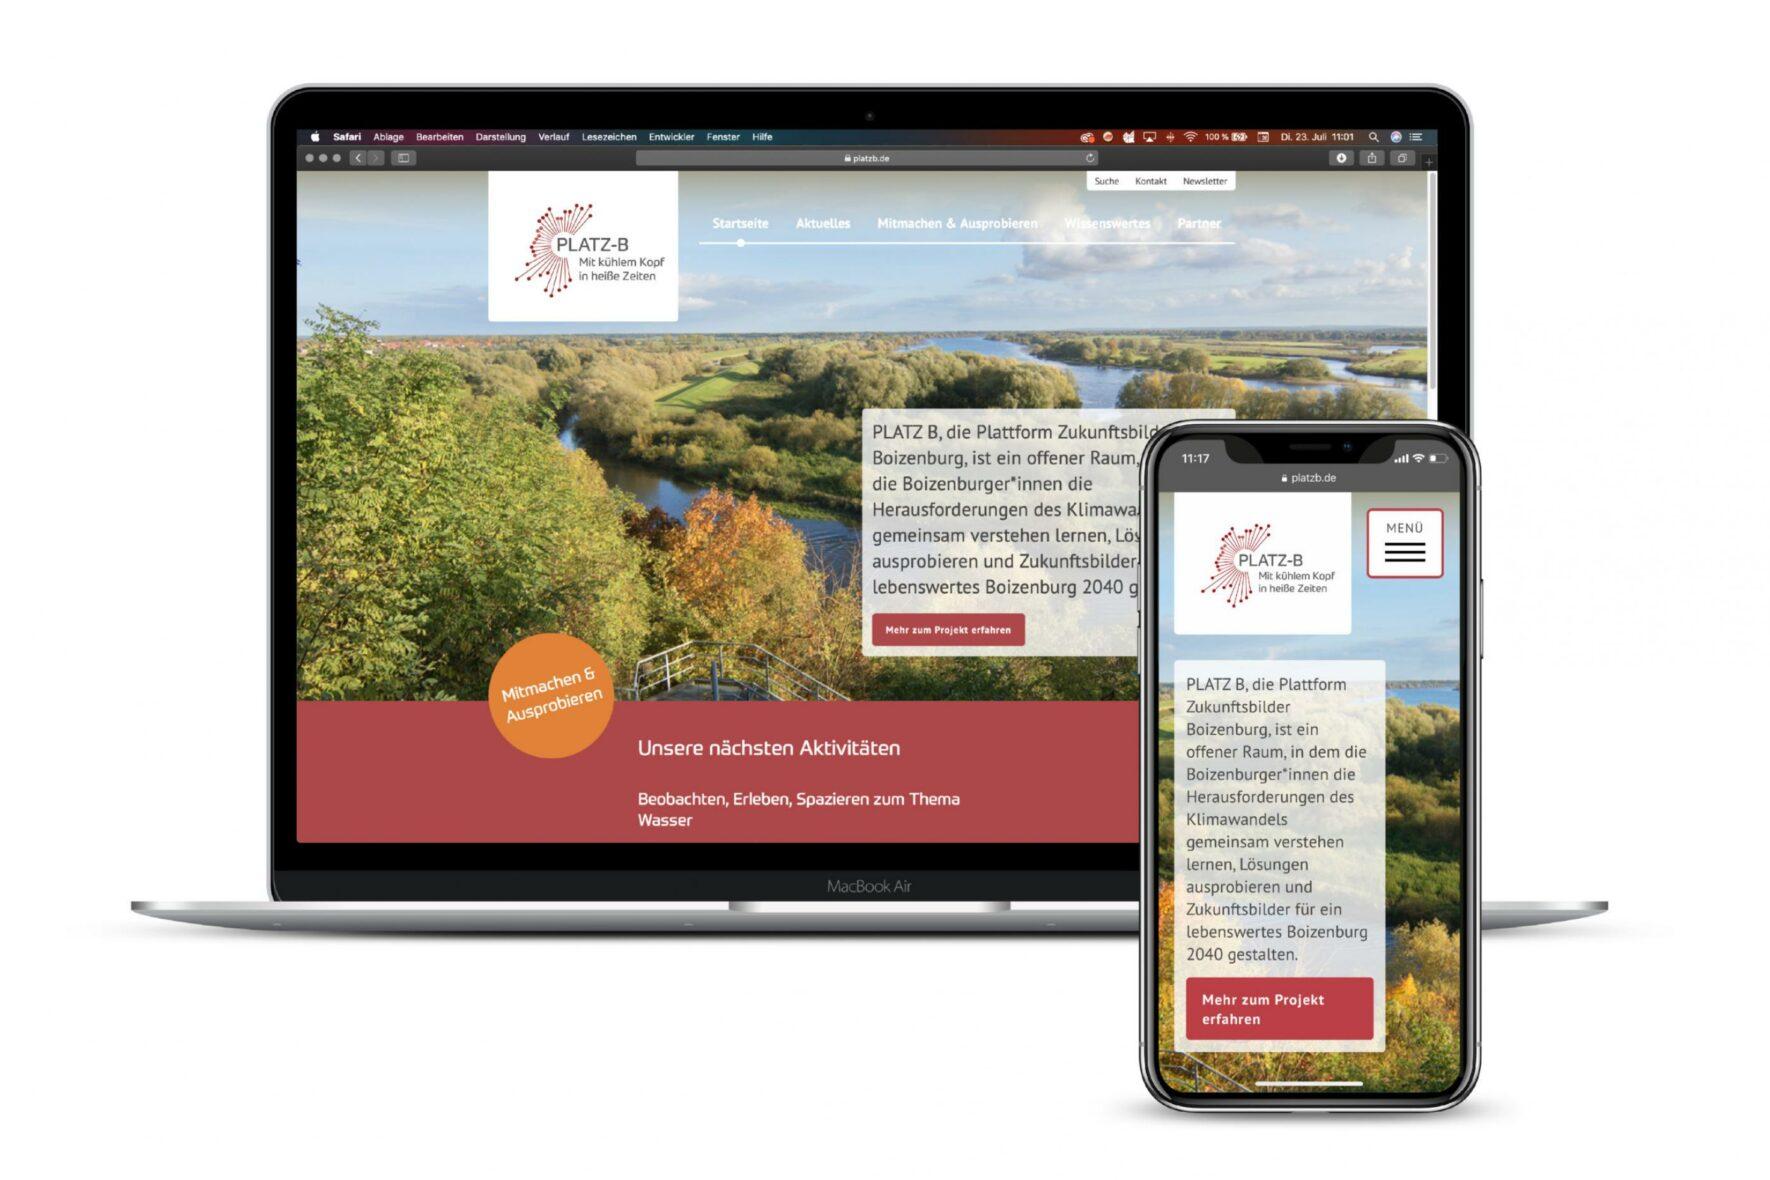 Vorschau-Bild: Webseiten für das Forschungsprojekt GoingVis